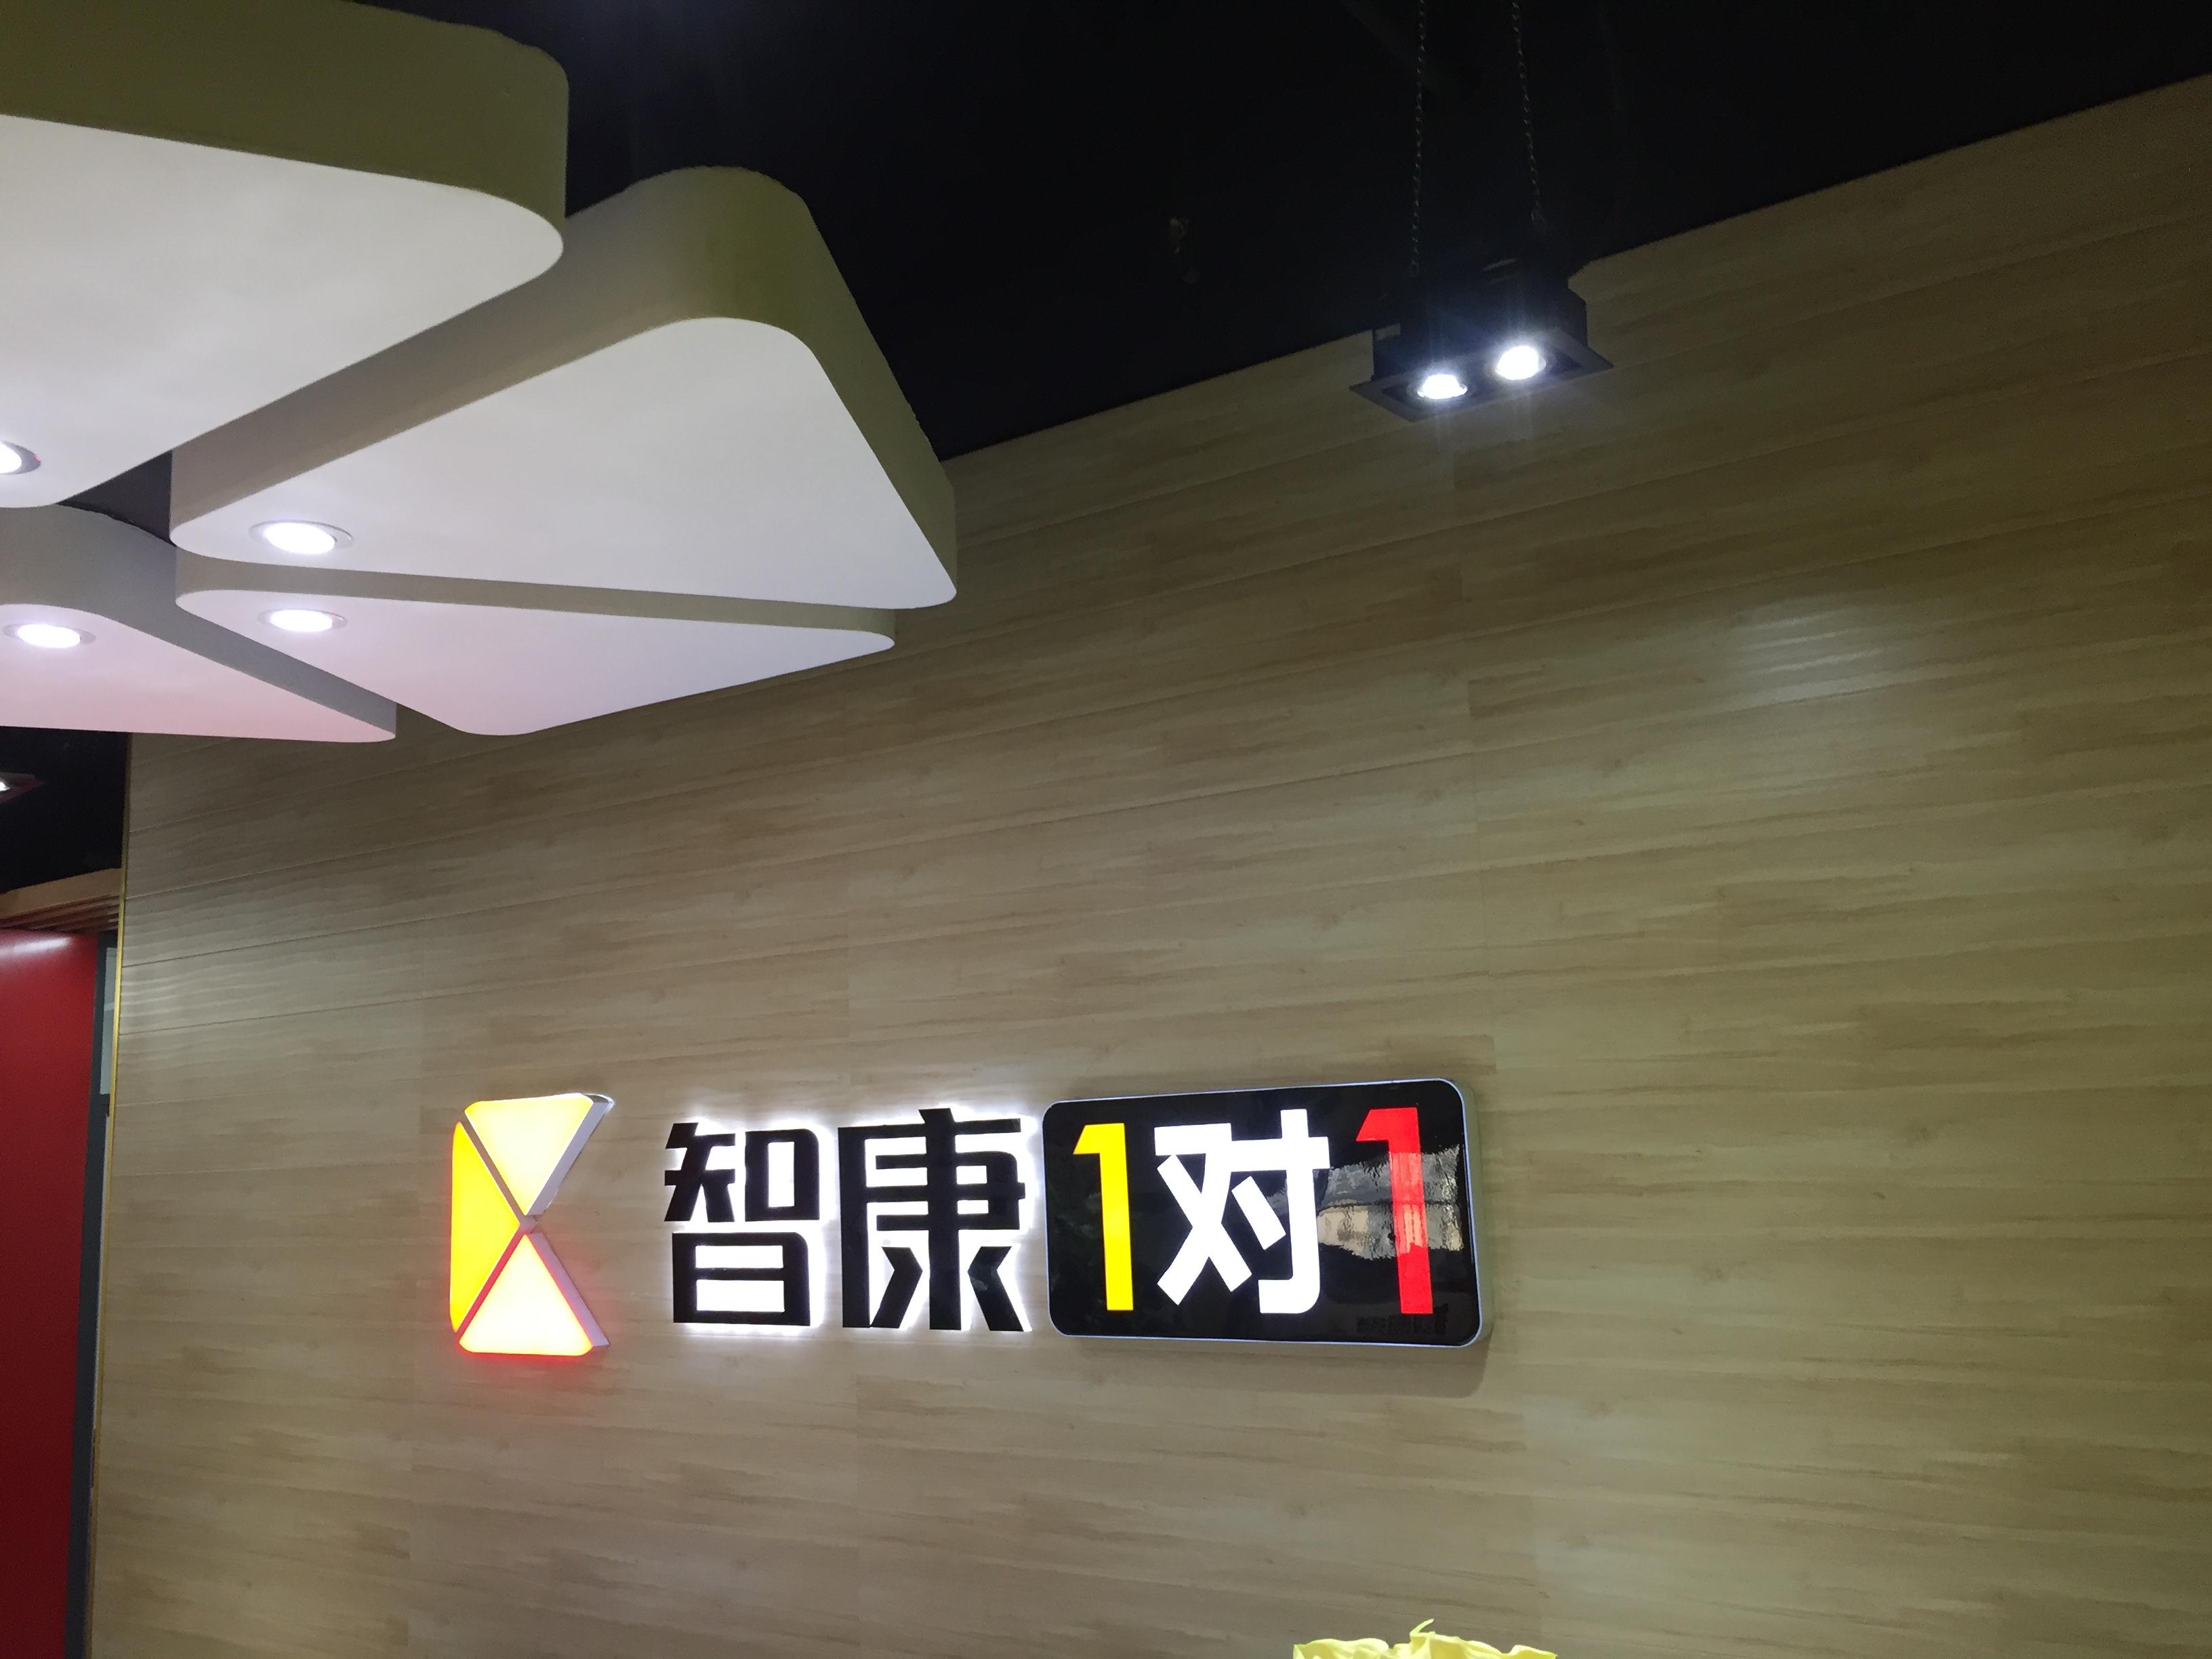 秋秋影视_秋秋影视APP电子与您分享激光投影时代-未来的趋势